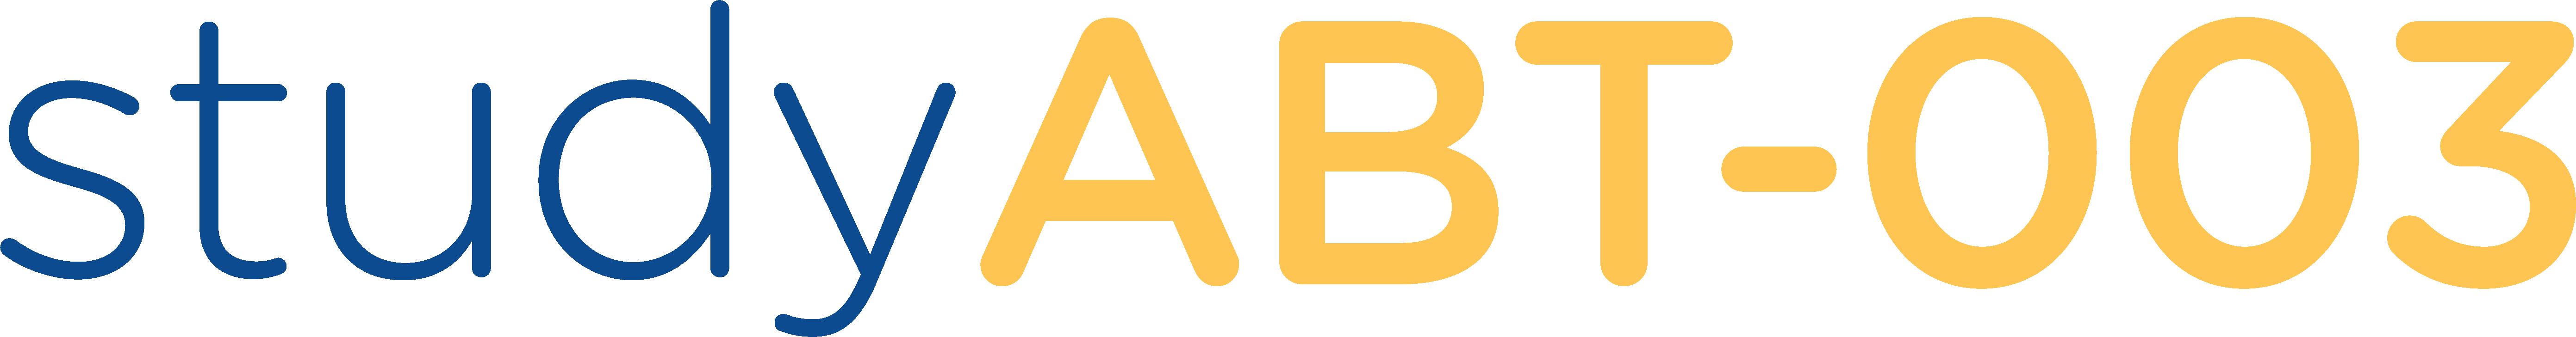 ABT-003